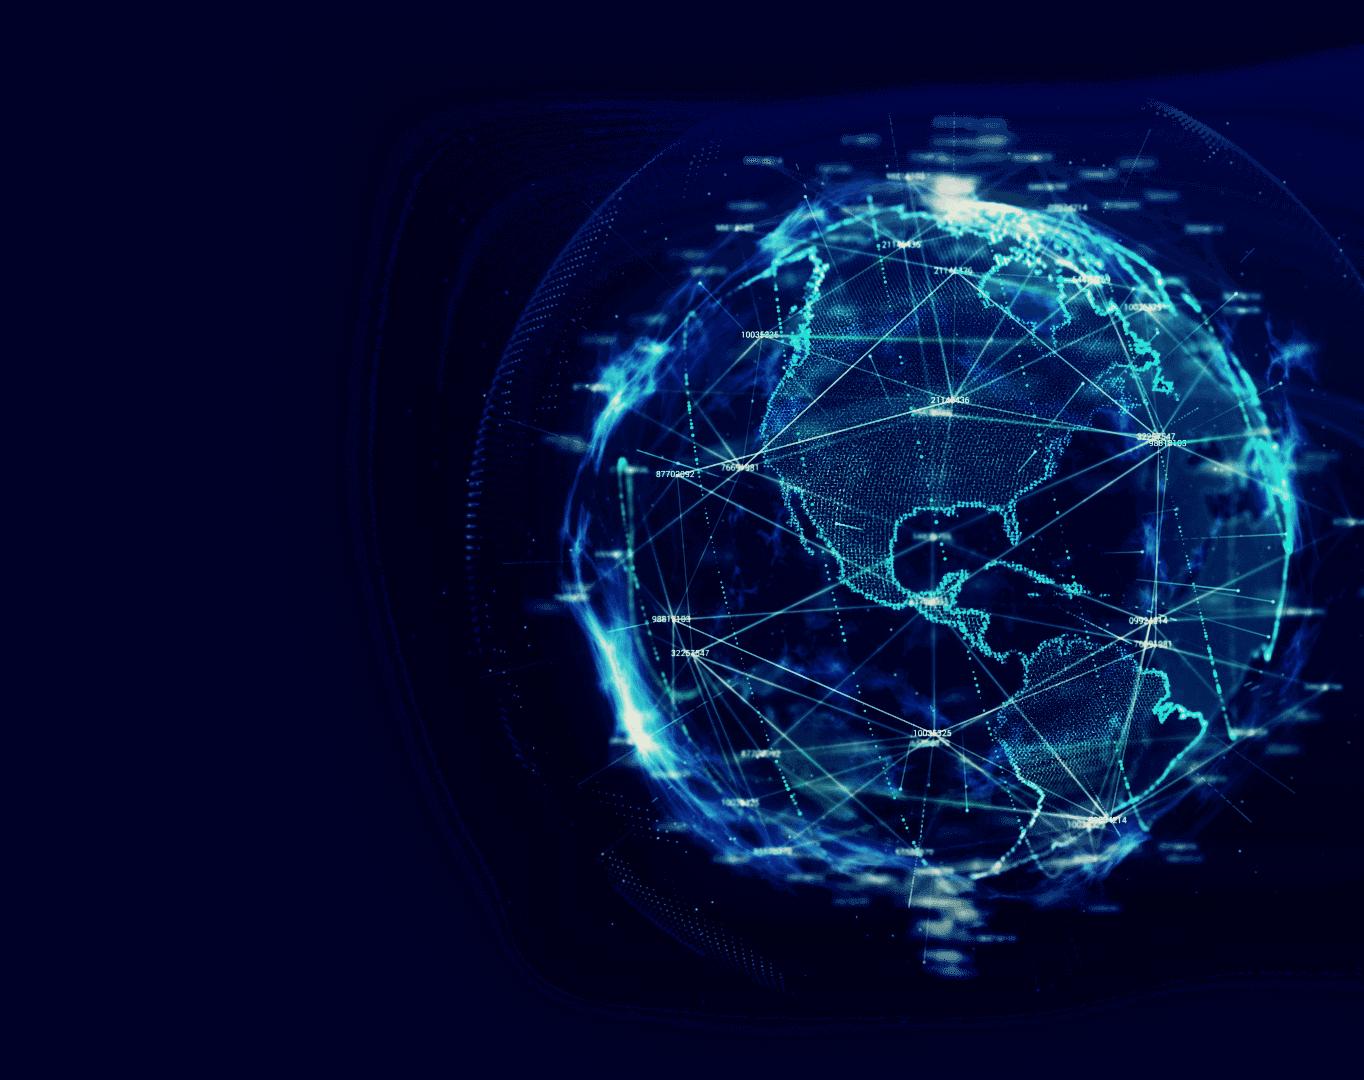 Terdot: nowy malware bazujący na kodzie źródłowym Zeusa